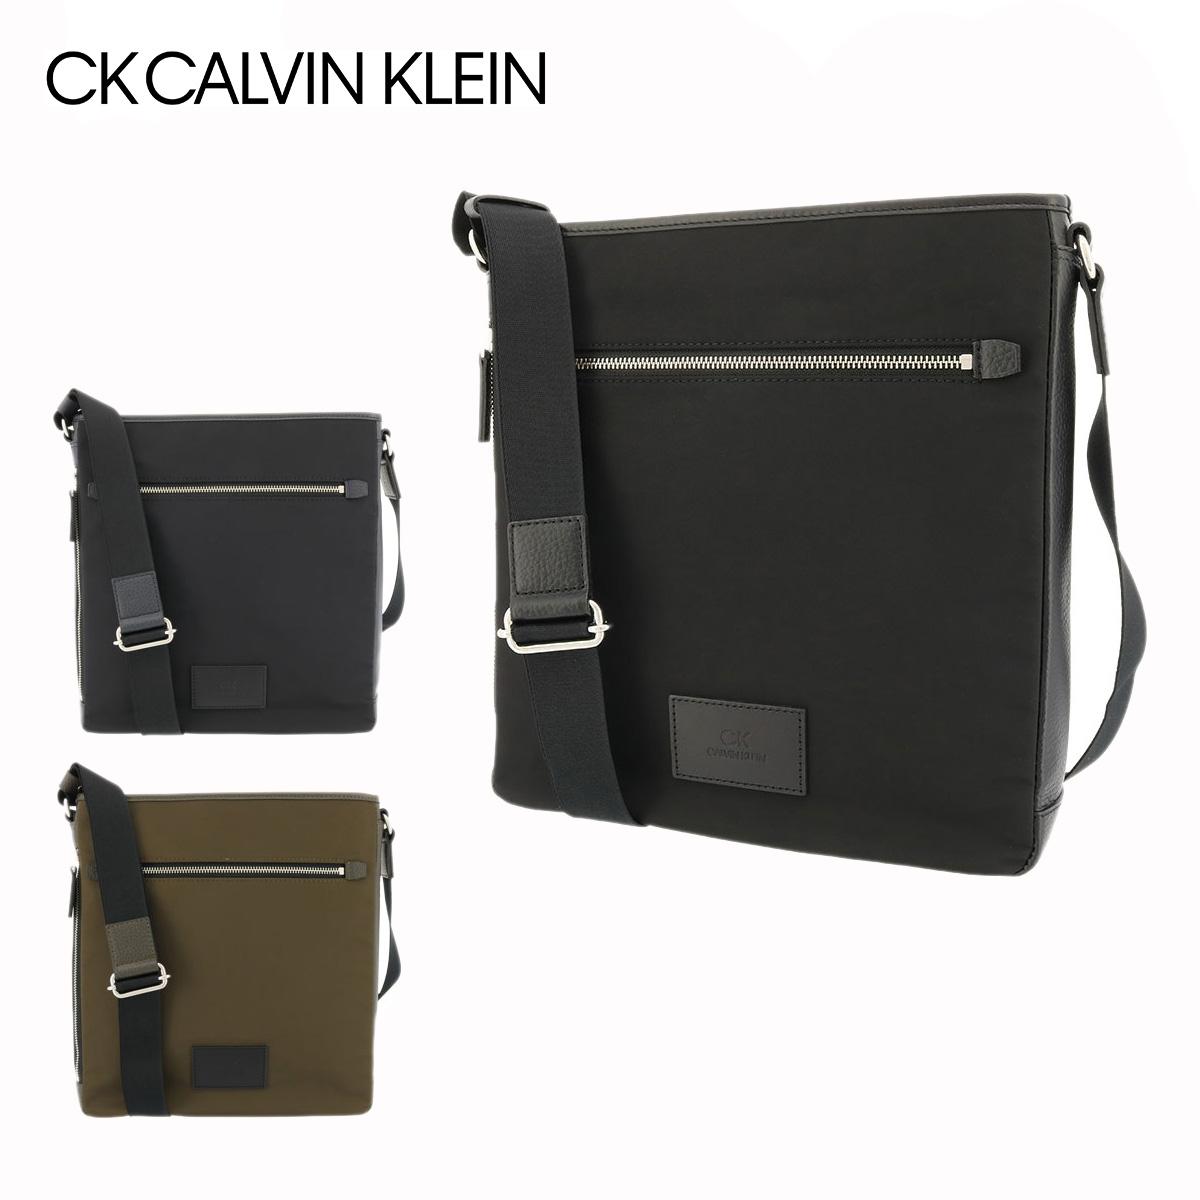 シーケー カルバンクライン ショルダーバッグ クルサード メンズ 824111 日本製 CK CALVIN KLEIN